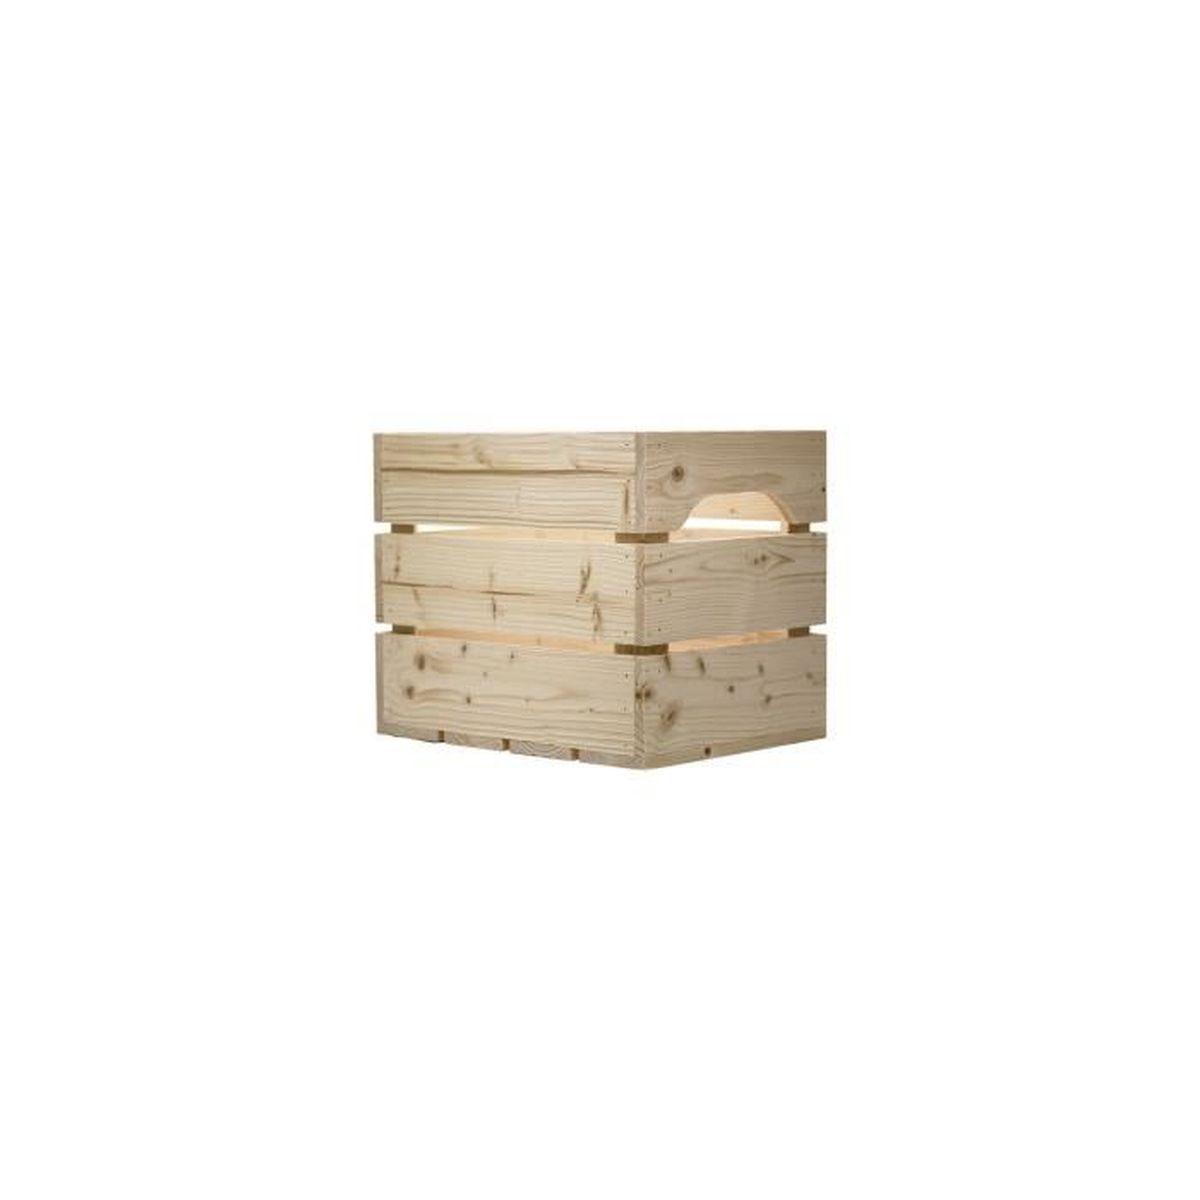 Caisse en bois 1 2 large l27 x h30 x p36 cm fabriqu e main en france achat vente table - Table basse caisse en bois ...